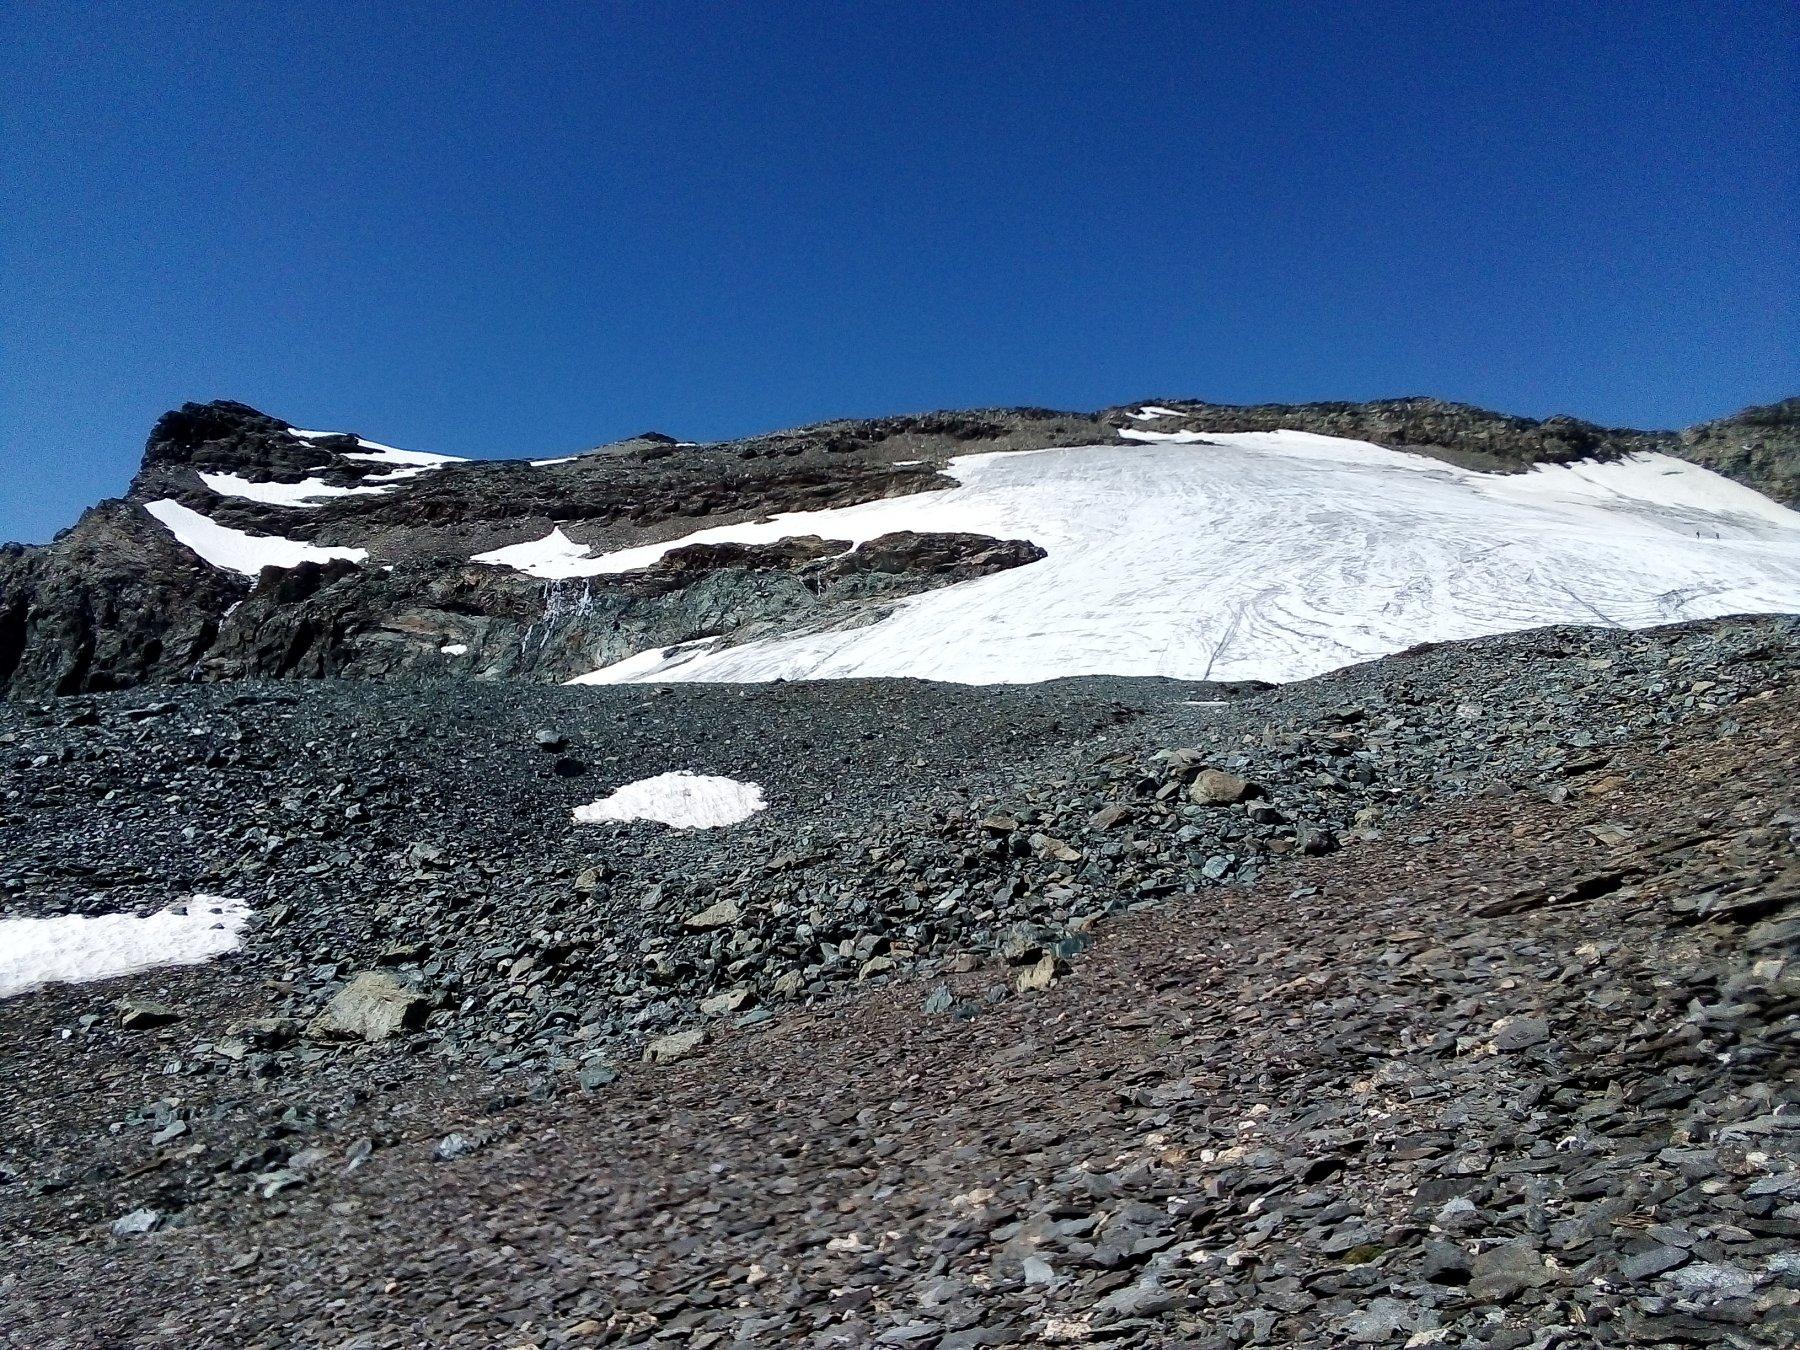 A sinistra la cima e a destra la parte finale del ghiacciaio del Collerin, dai pressi del colle Chalanson Superiore.